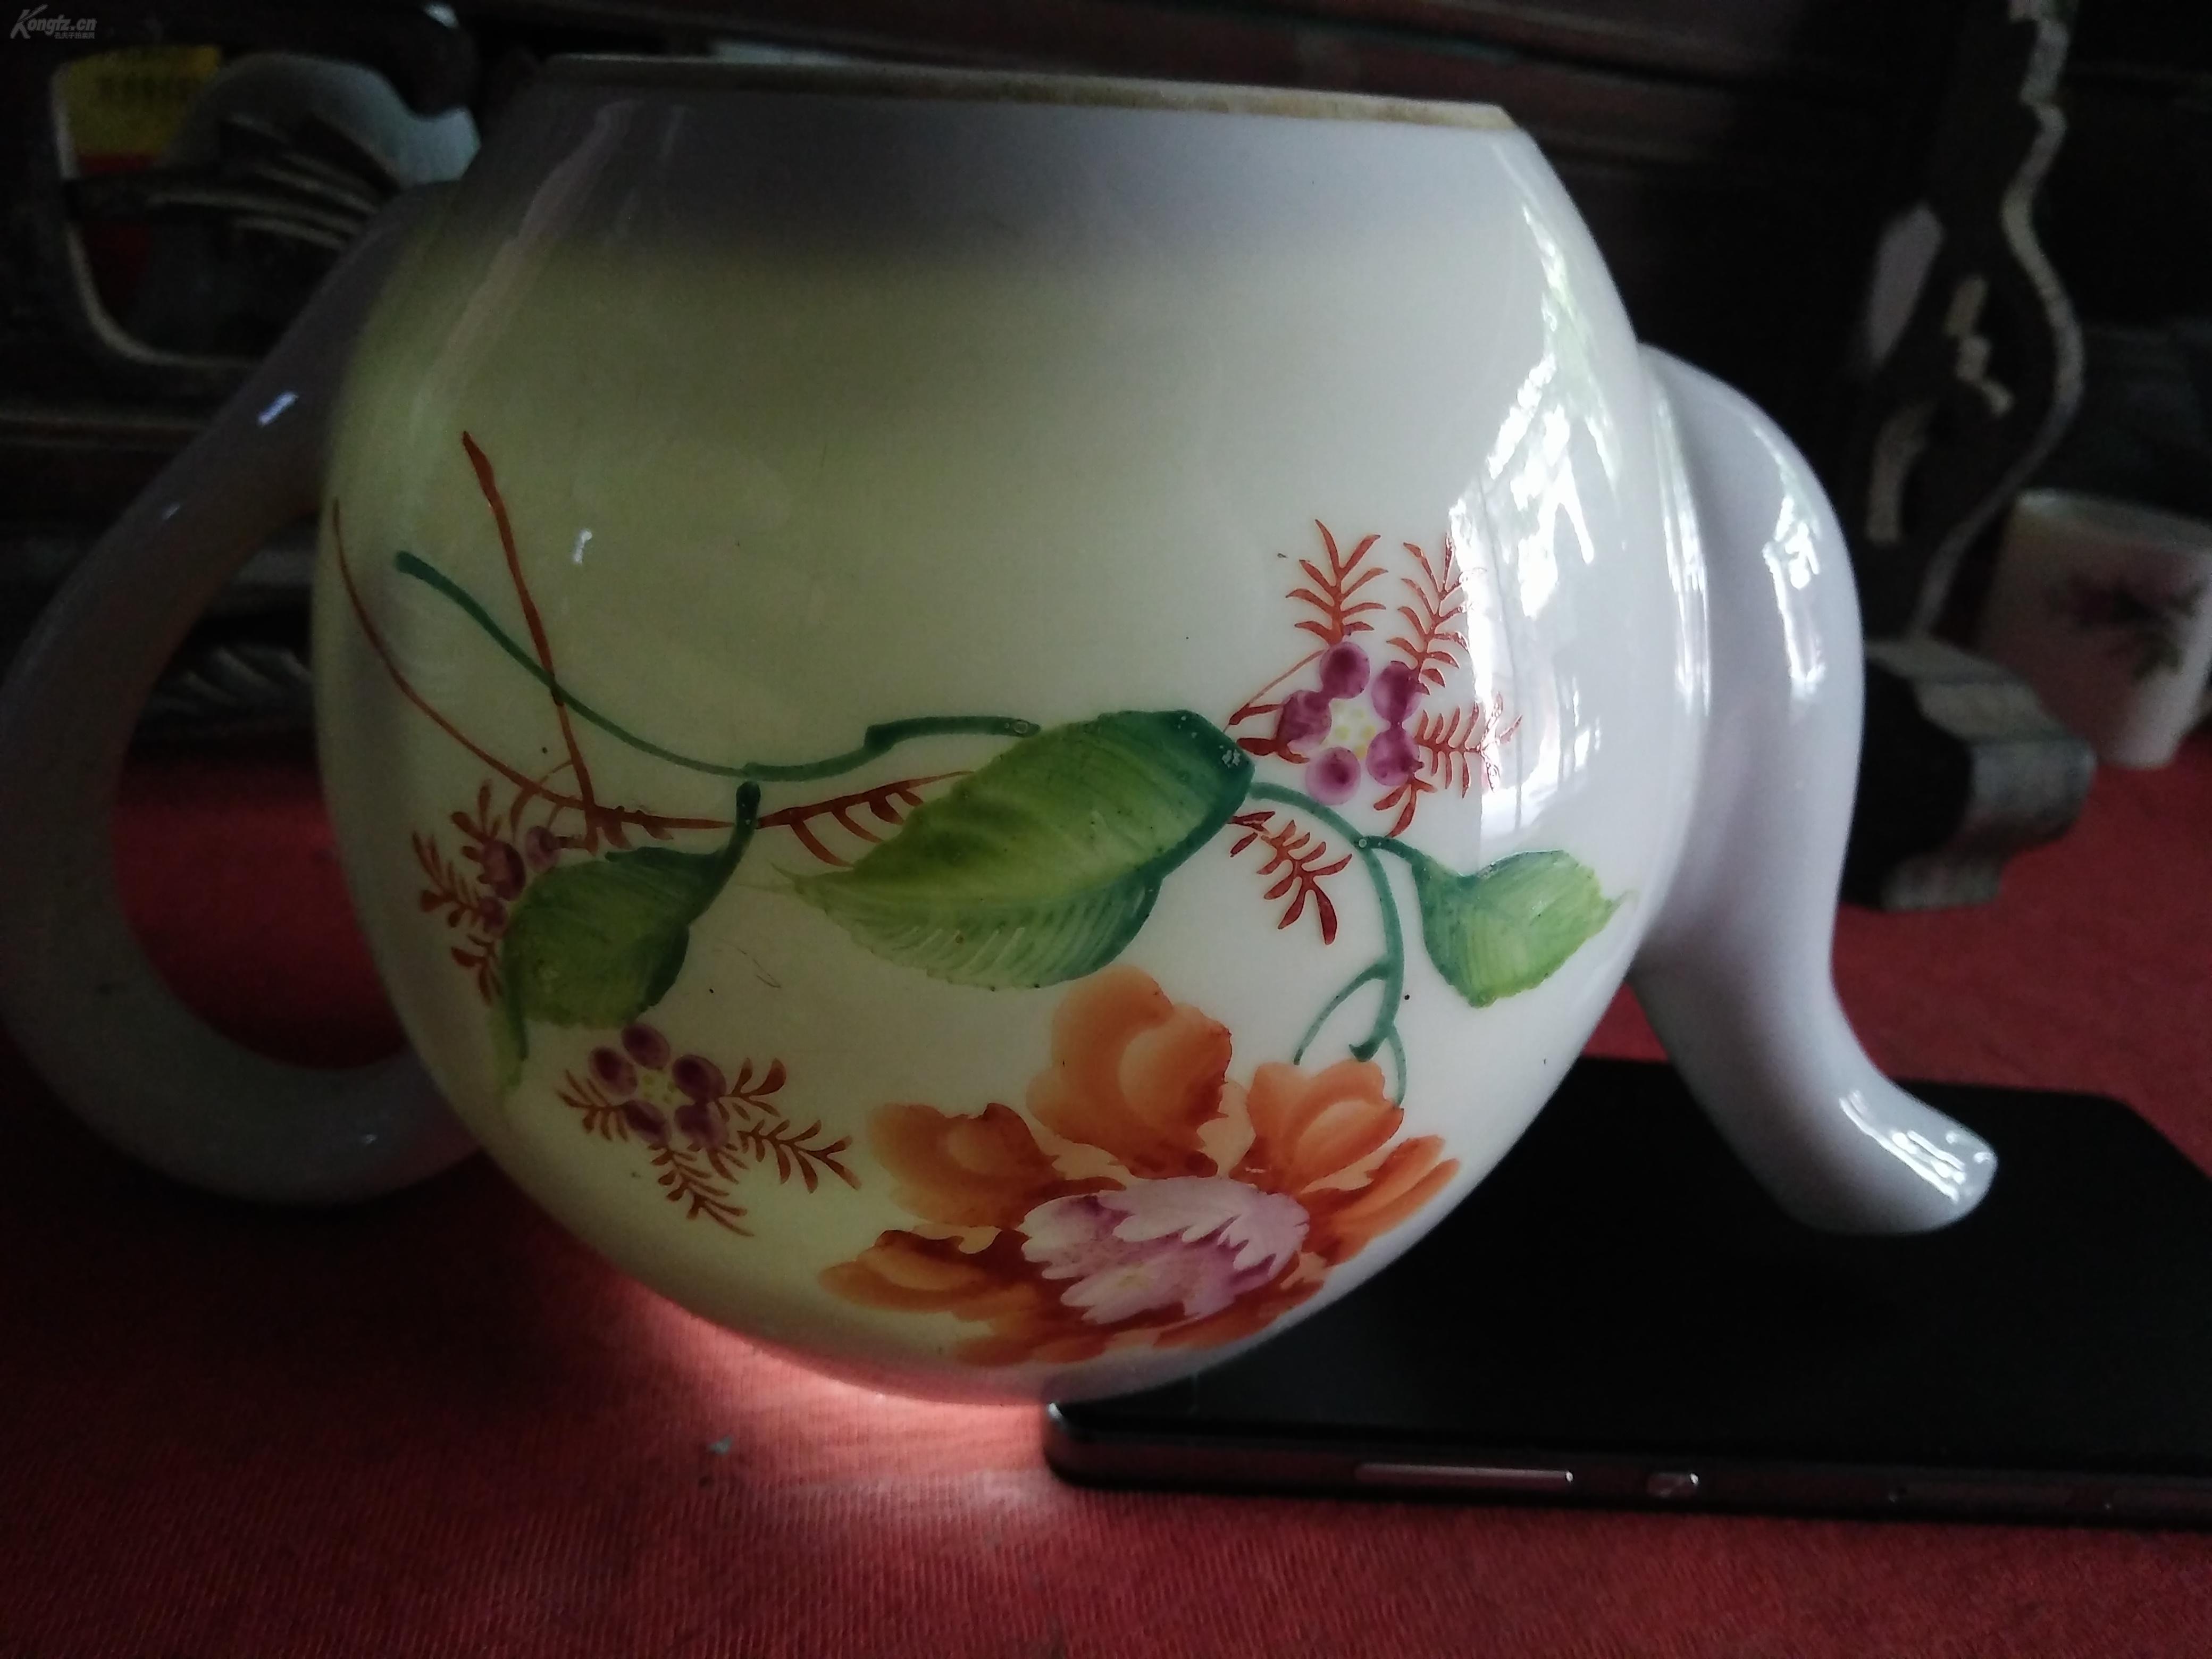 这是湖南醴陵文革期间,为出口创汇专门用来制作的一批出口瓷器